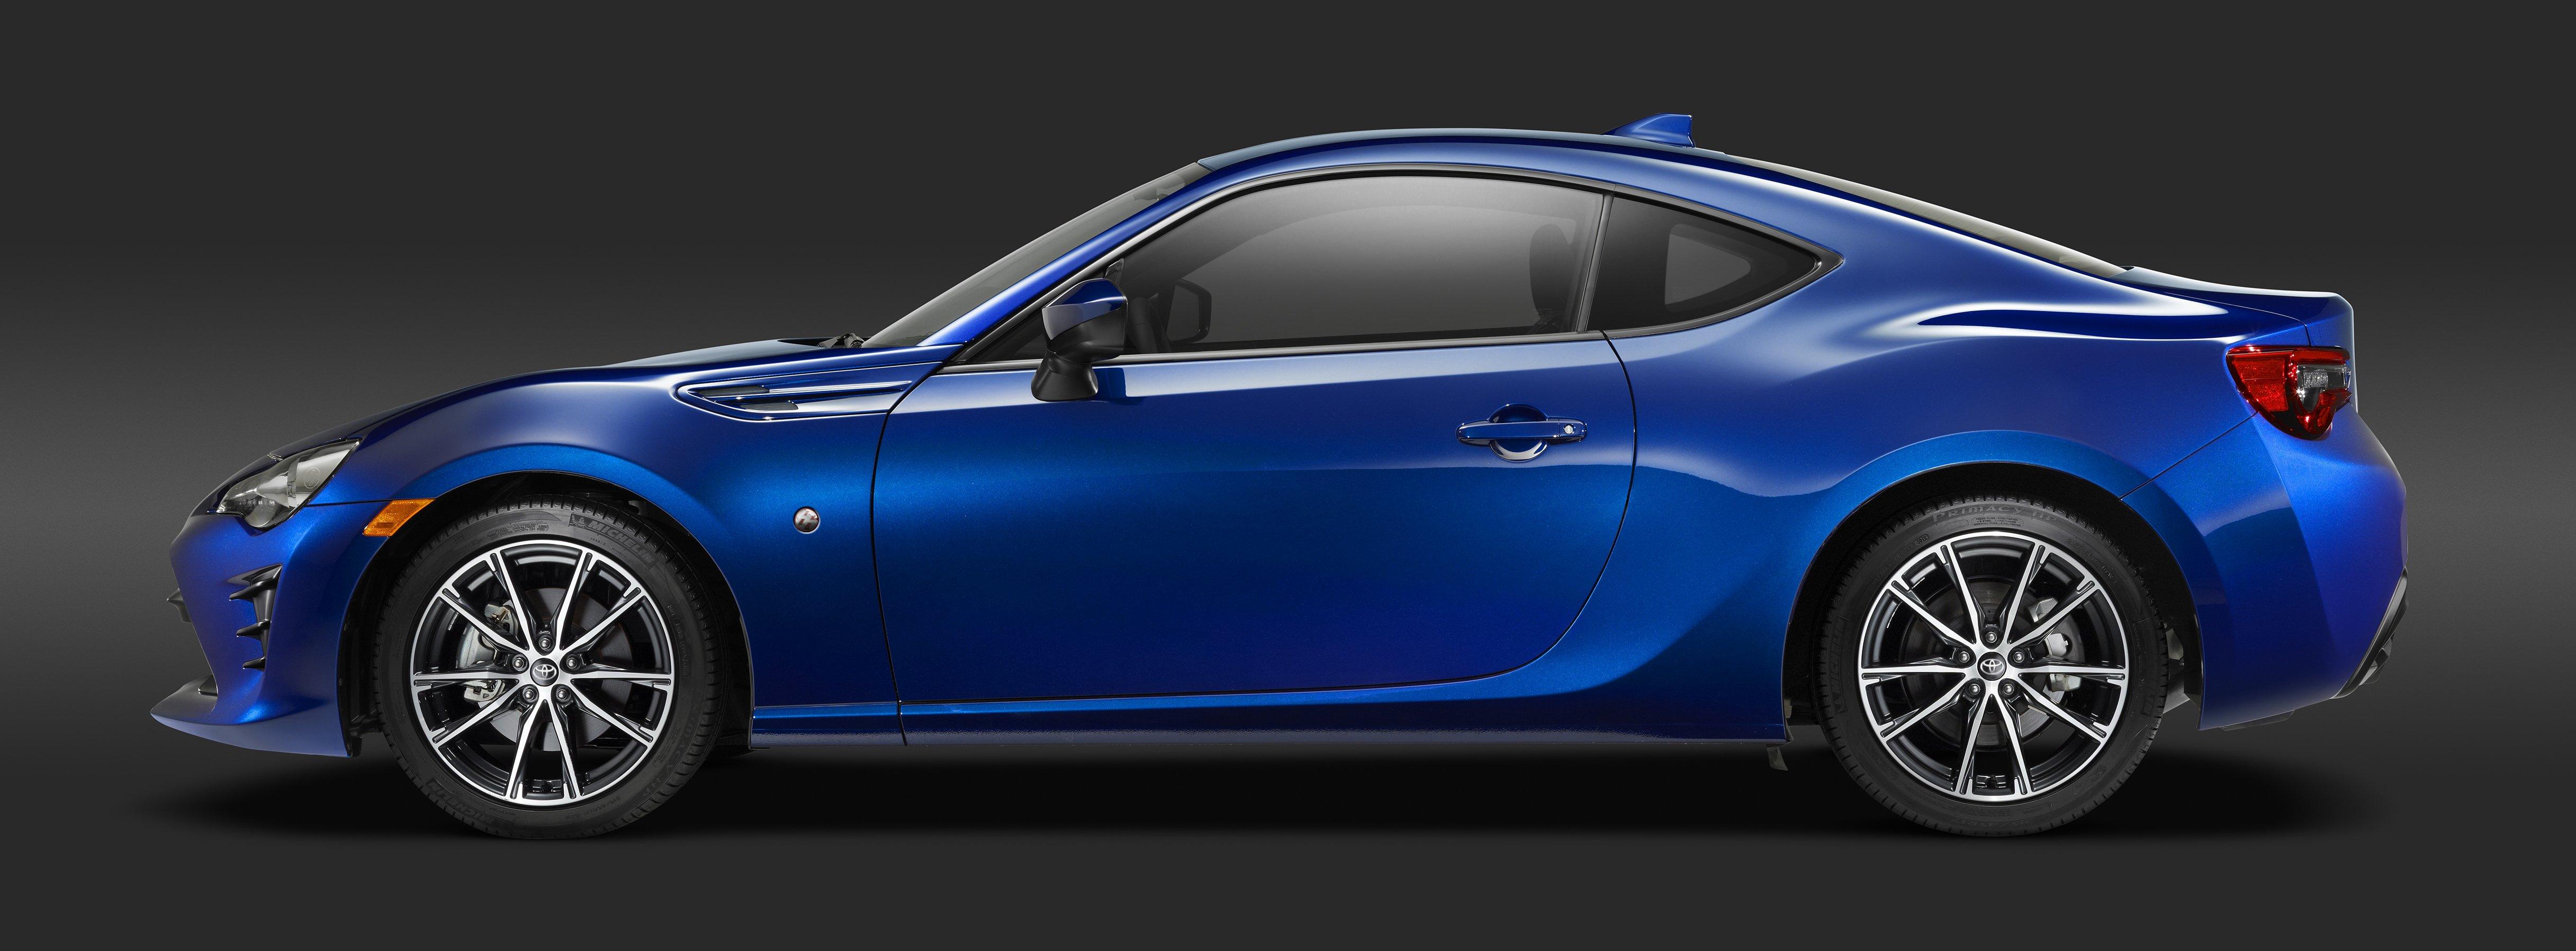 2017 Toyota 86 Facelift Gets Engine Handling Upgrades